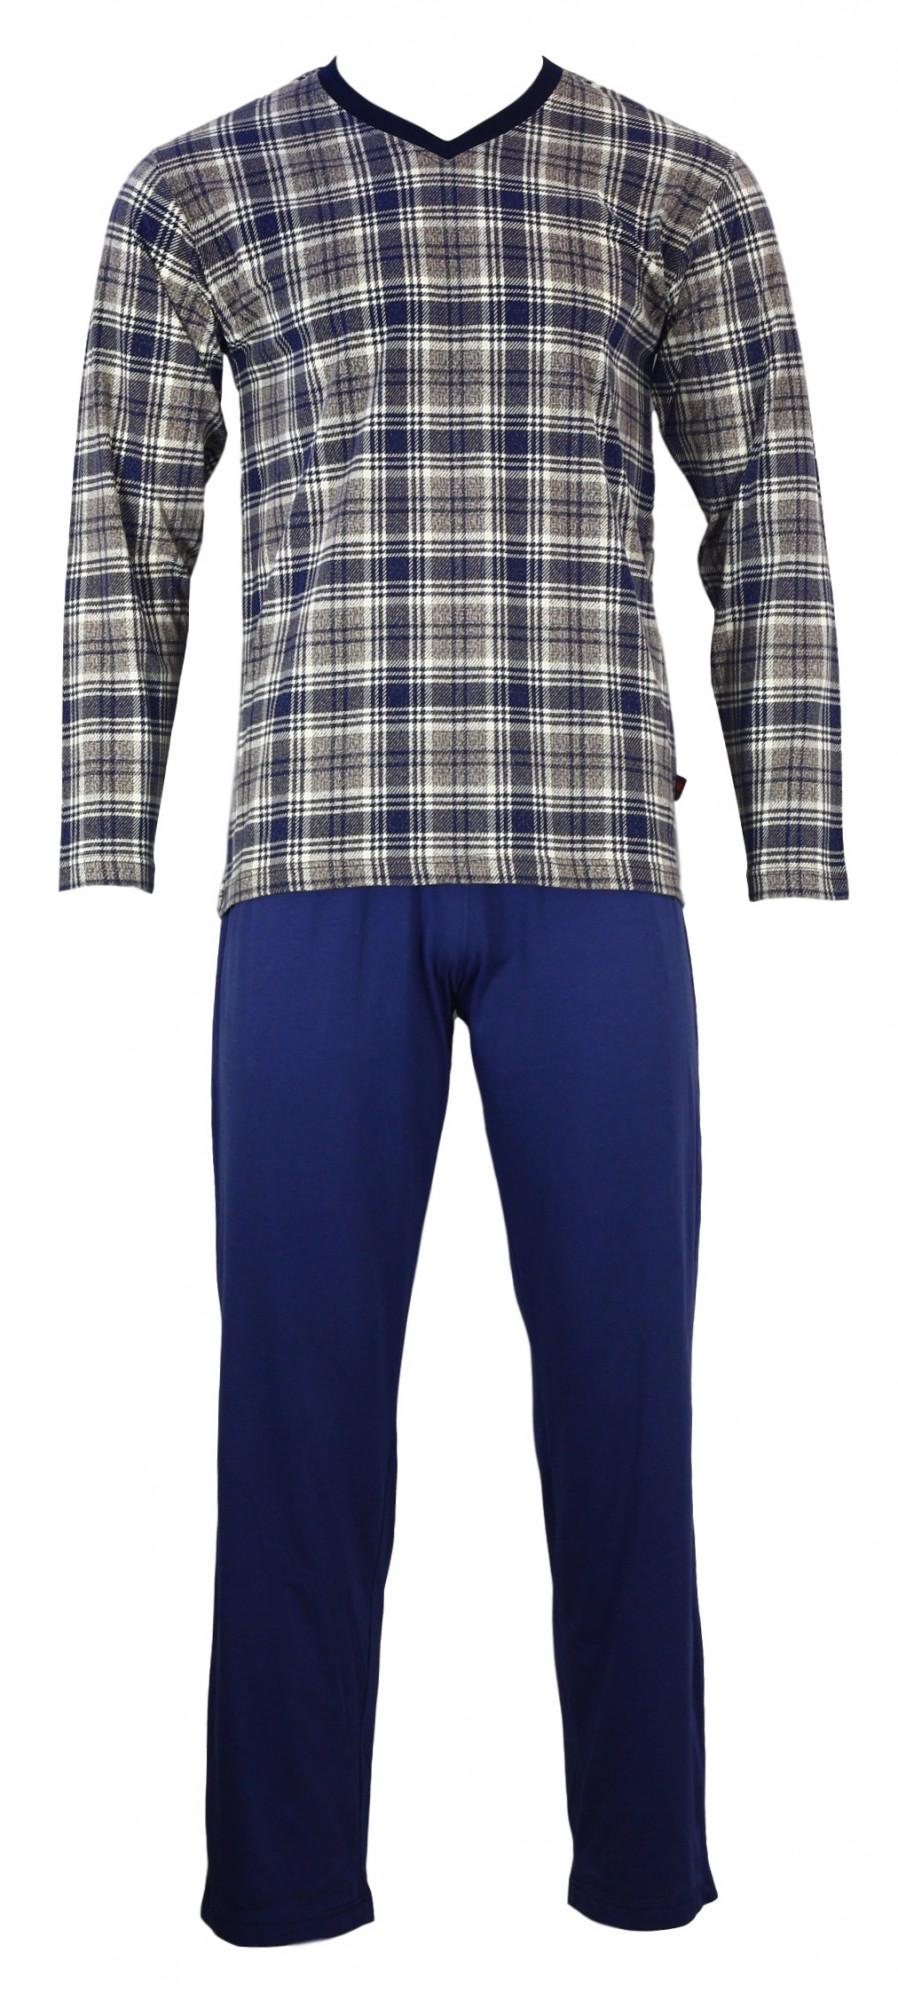 Pánské pyžamo Karono V DR - Favab Barva: modrá/bílá, Velikost: L